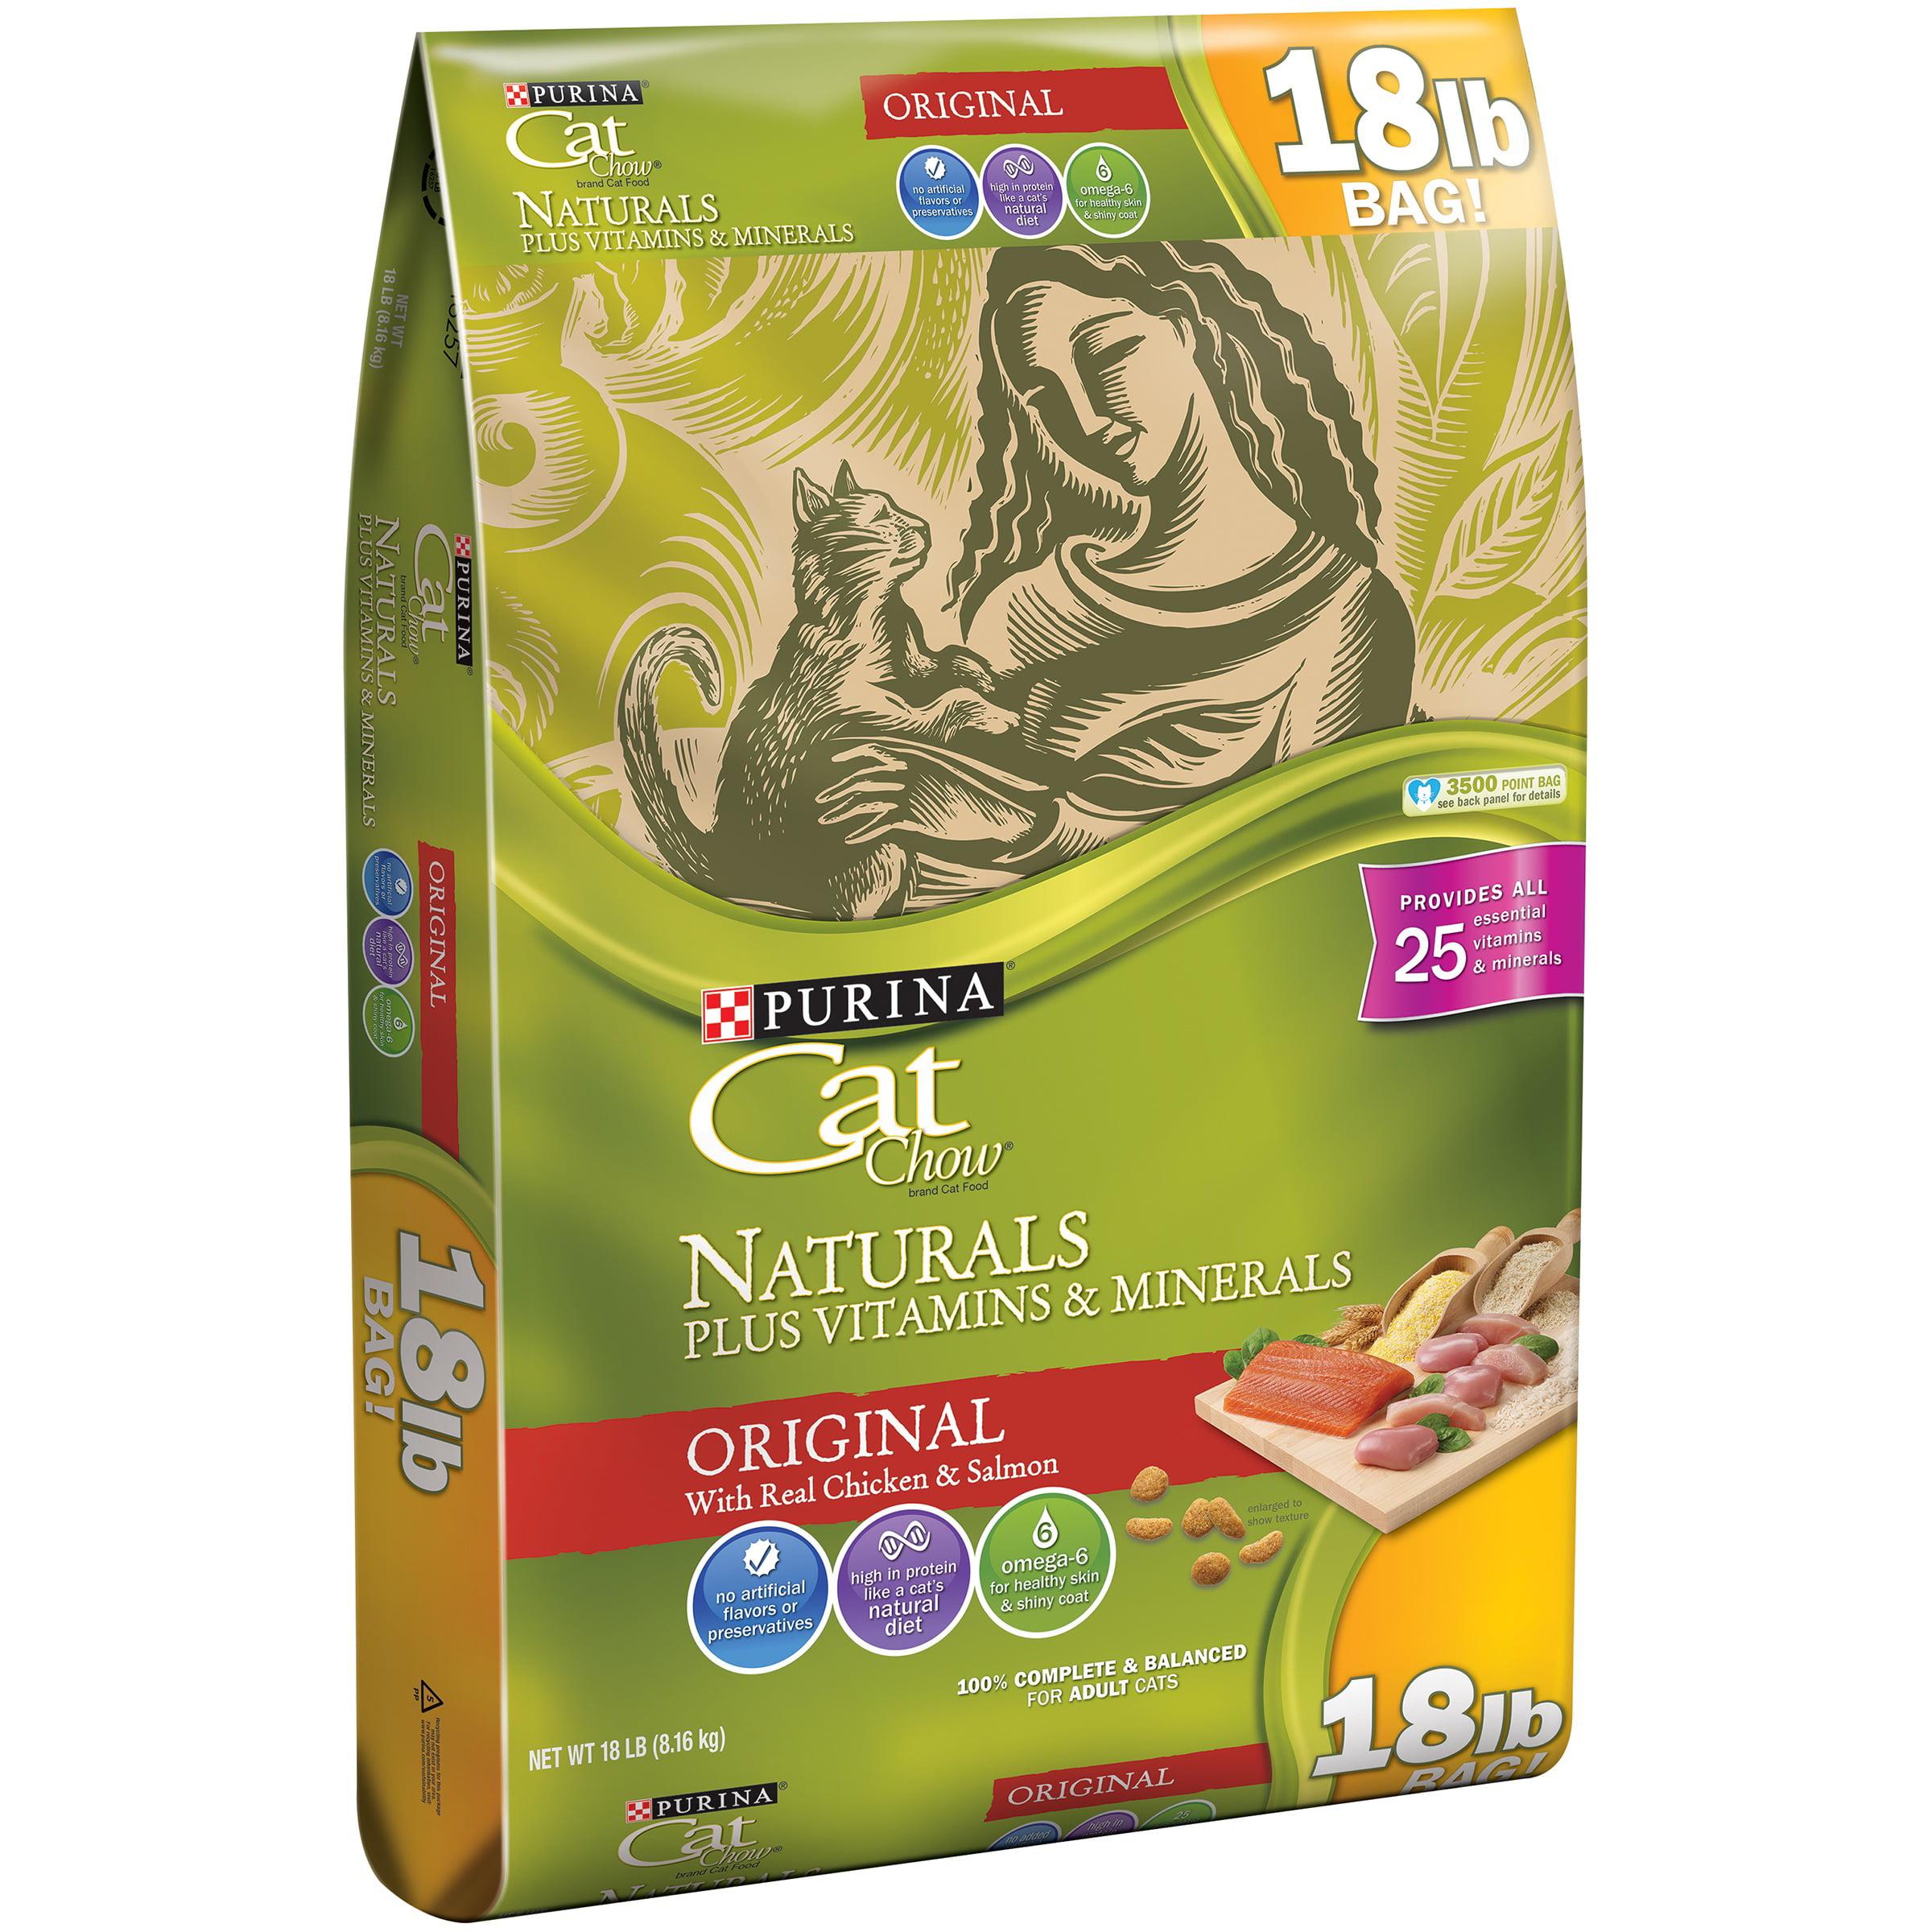 Purina Cat Chow Naturals Original Plus Vitamins & Minerals Cat Food 18 lb. Bag